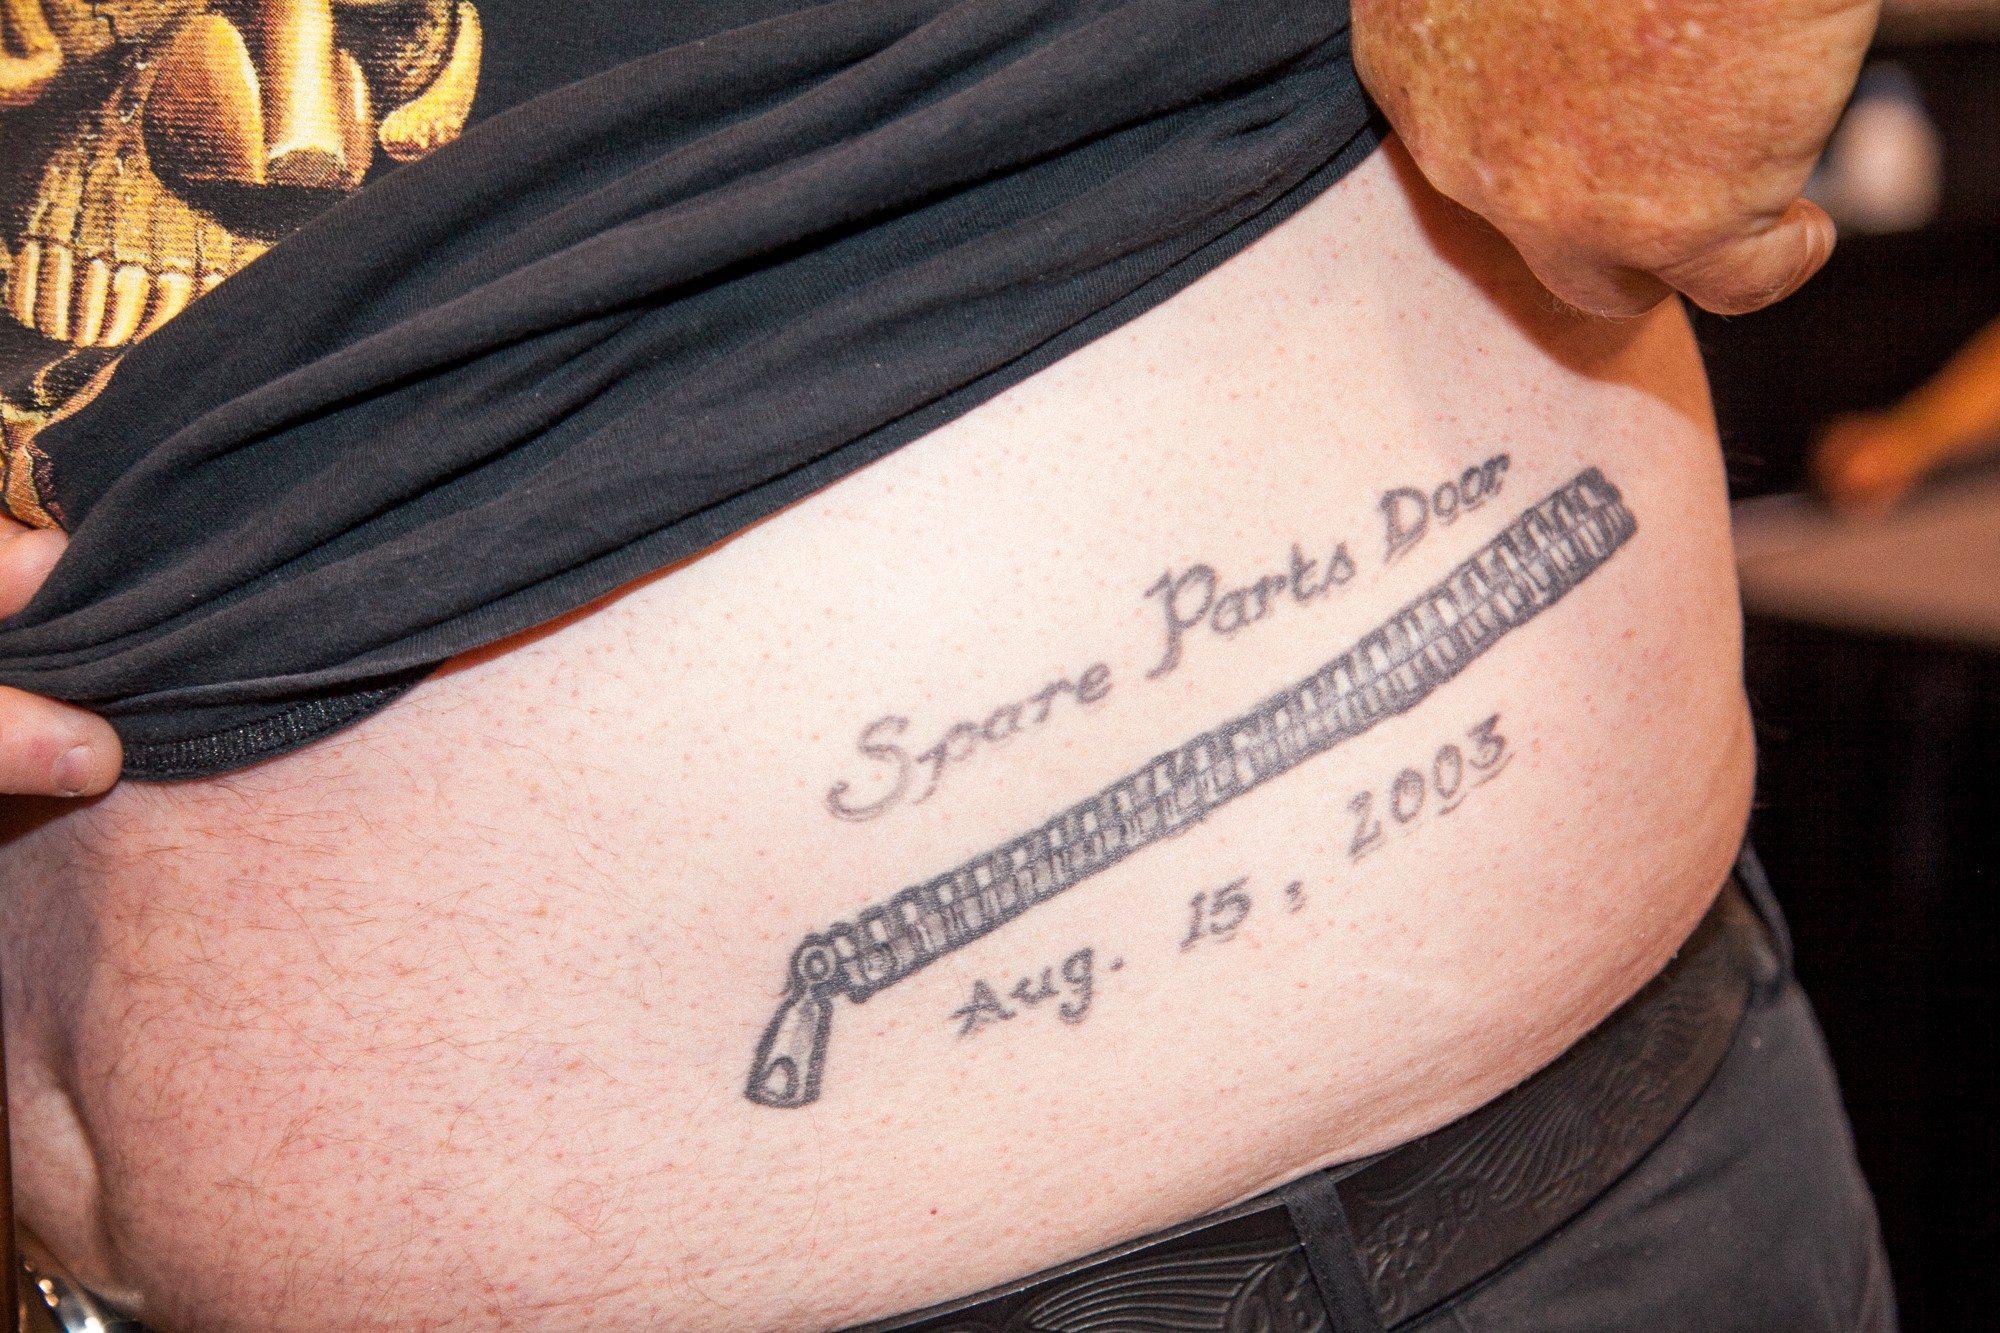 tattoo-streeter-bruce-pollock-2